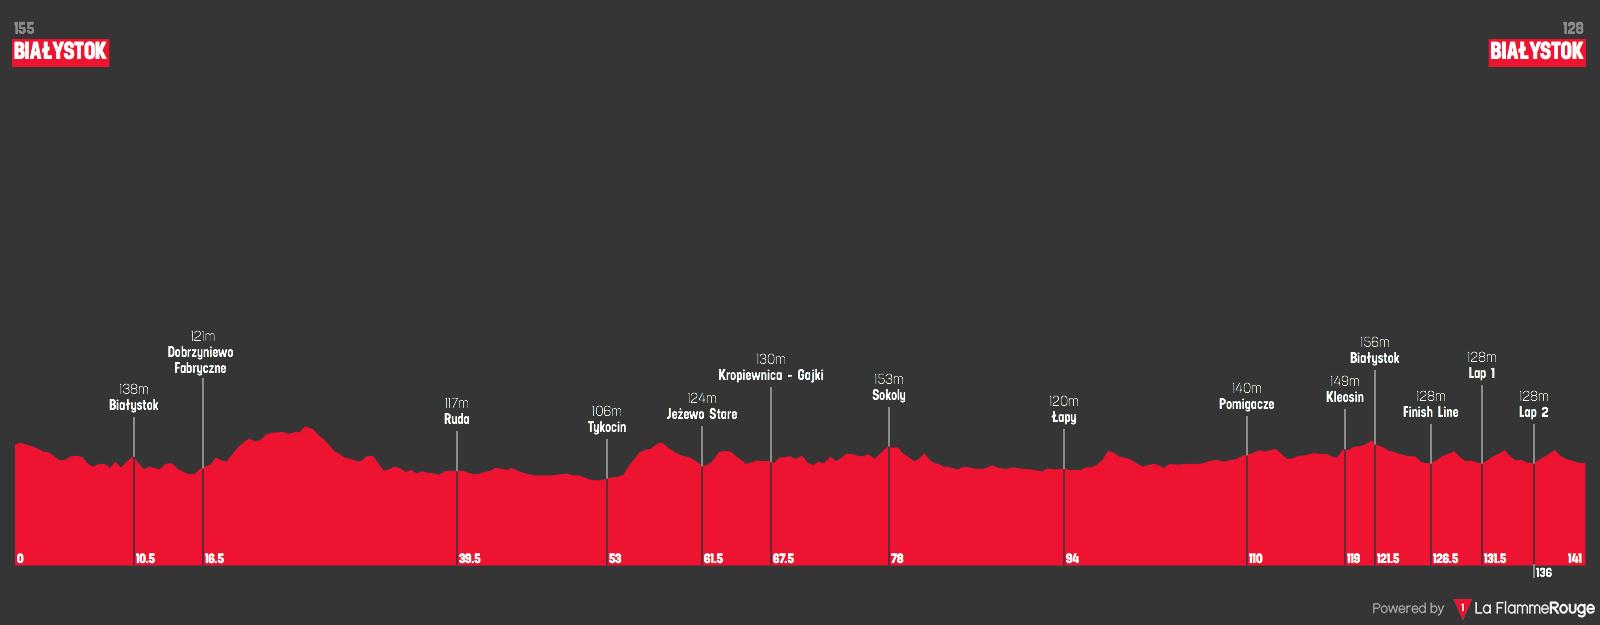 Orlen GP 2021 etappe 1